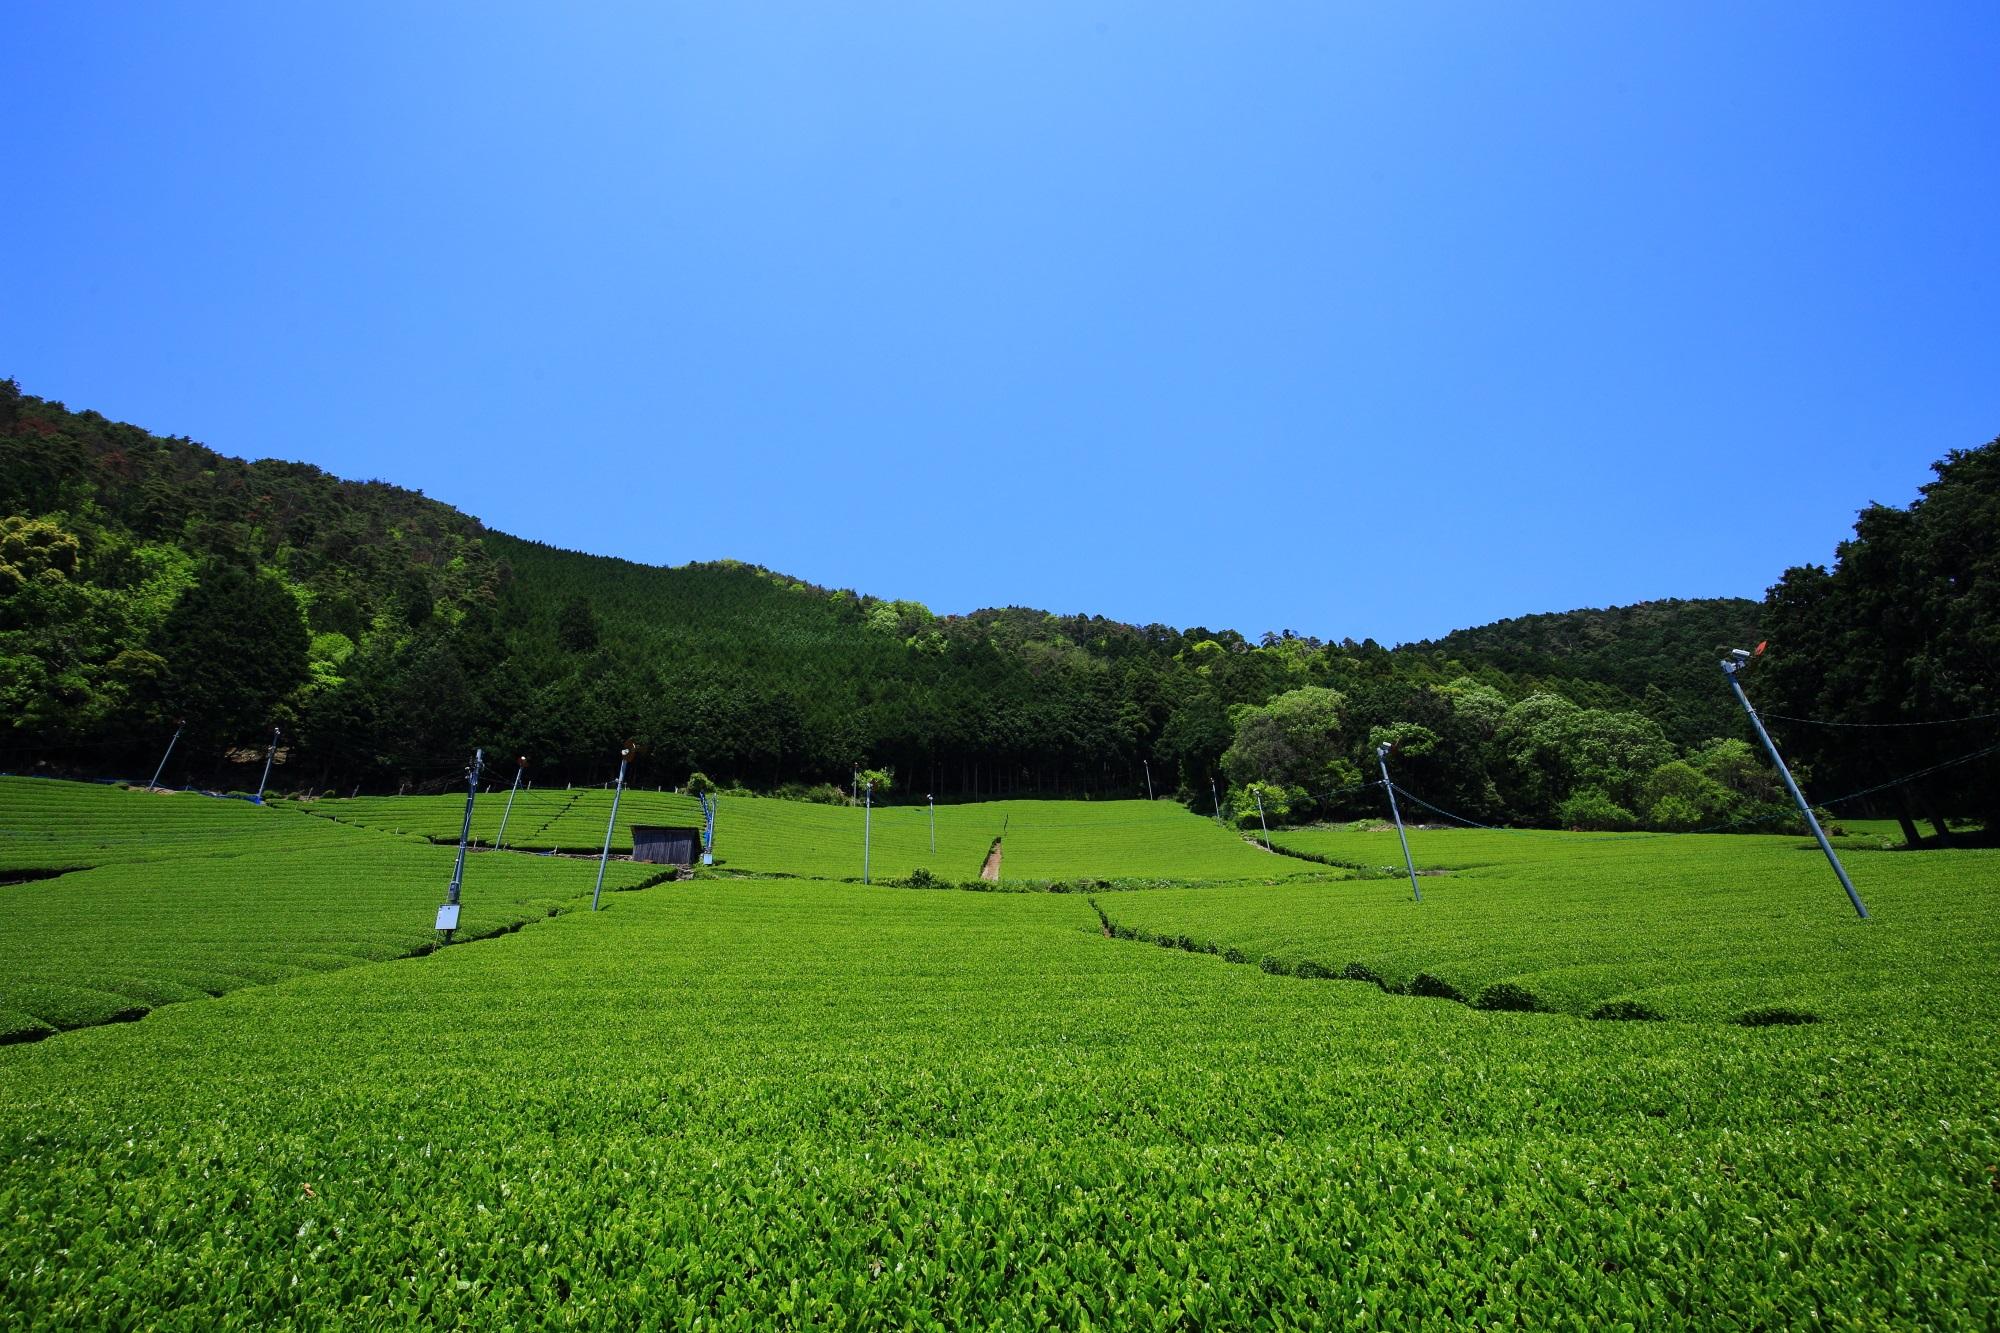 山の山頂に向かって広がる極上の緑のお茶畑と青空